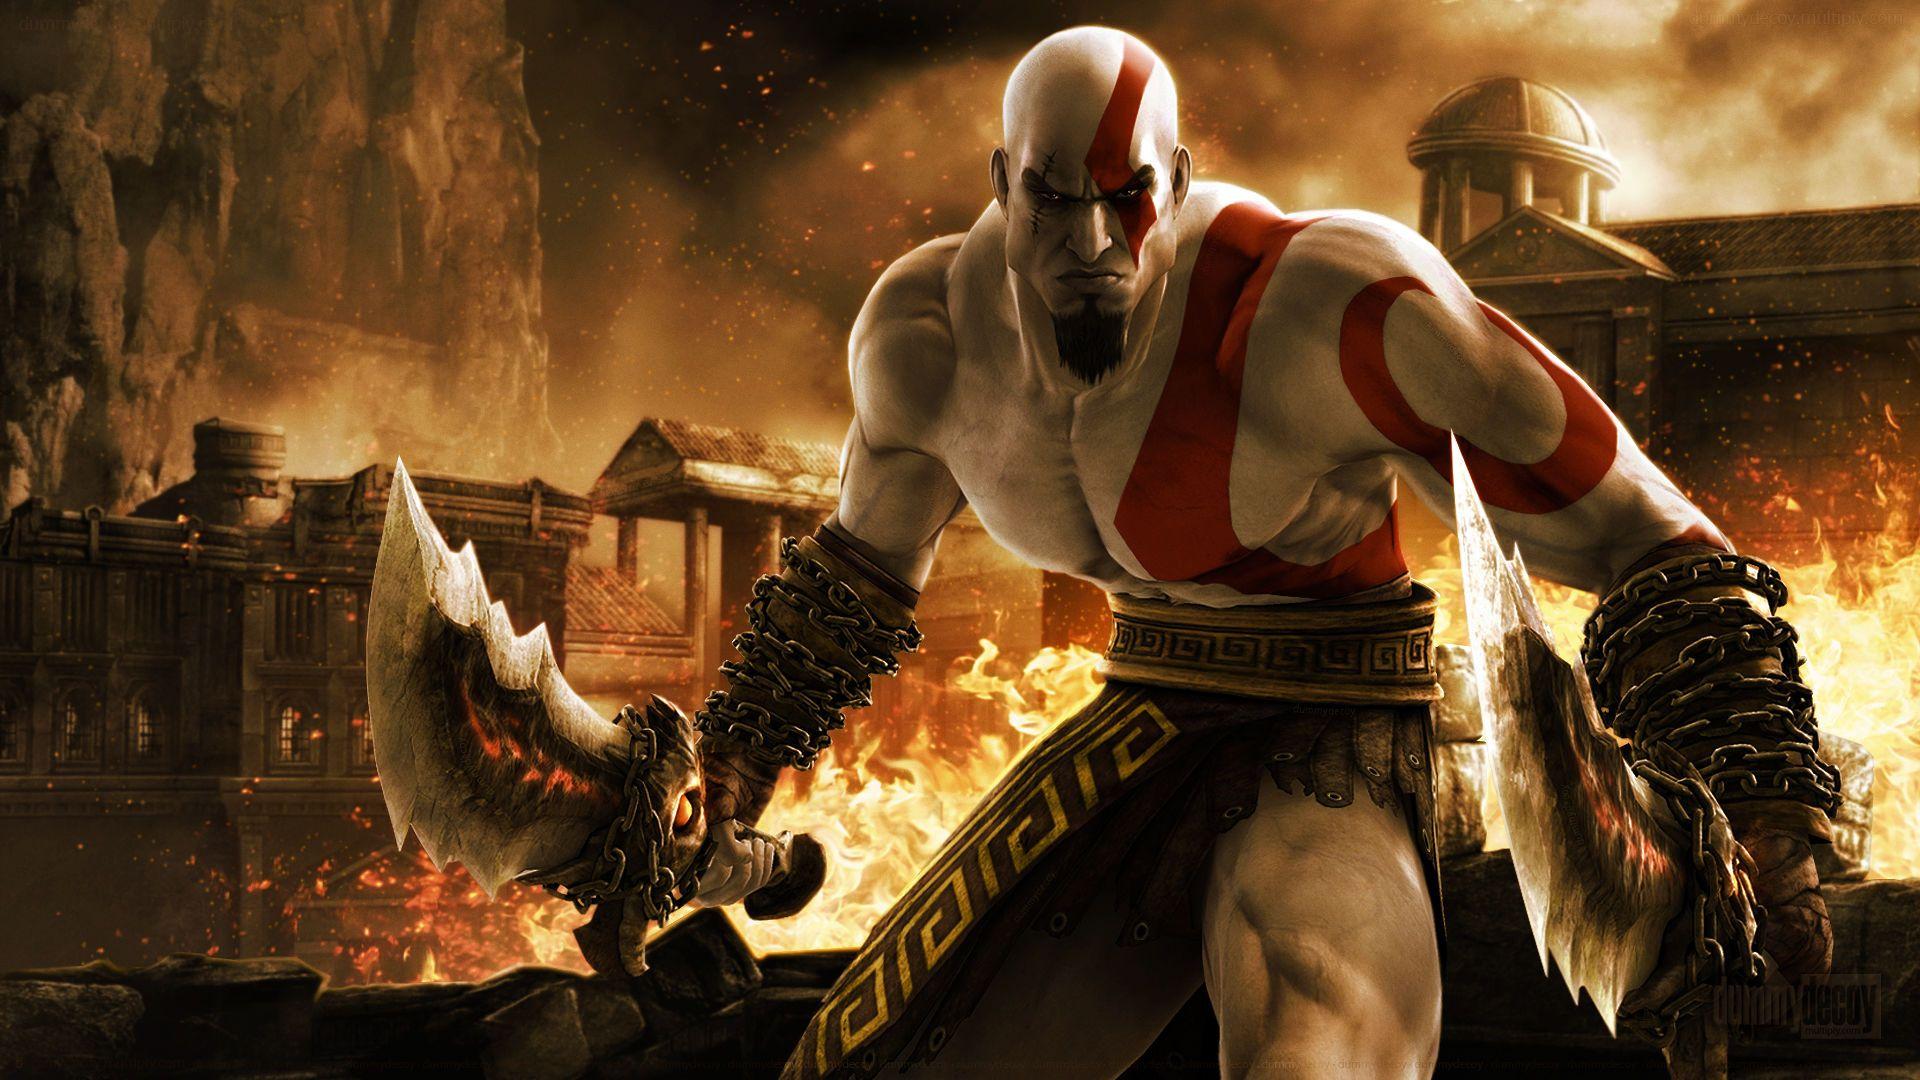 God Of War 4 Sara Un Altra Avventura Nel Mondo Della Mitologia Greca God Of War Kratos God Of War God Of War Game